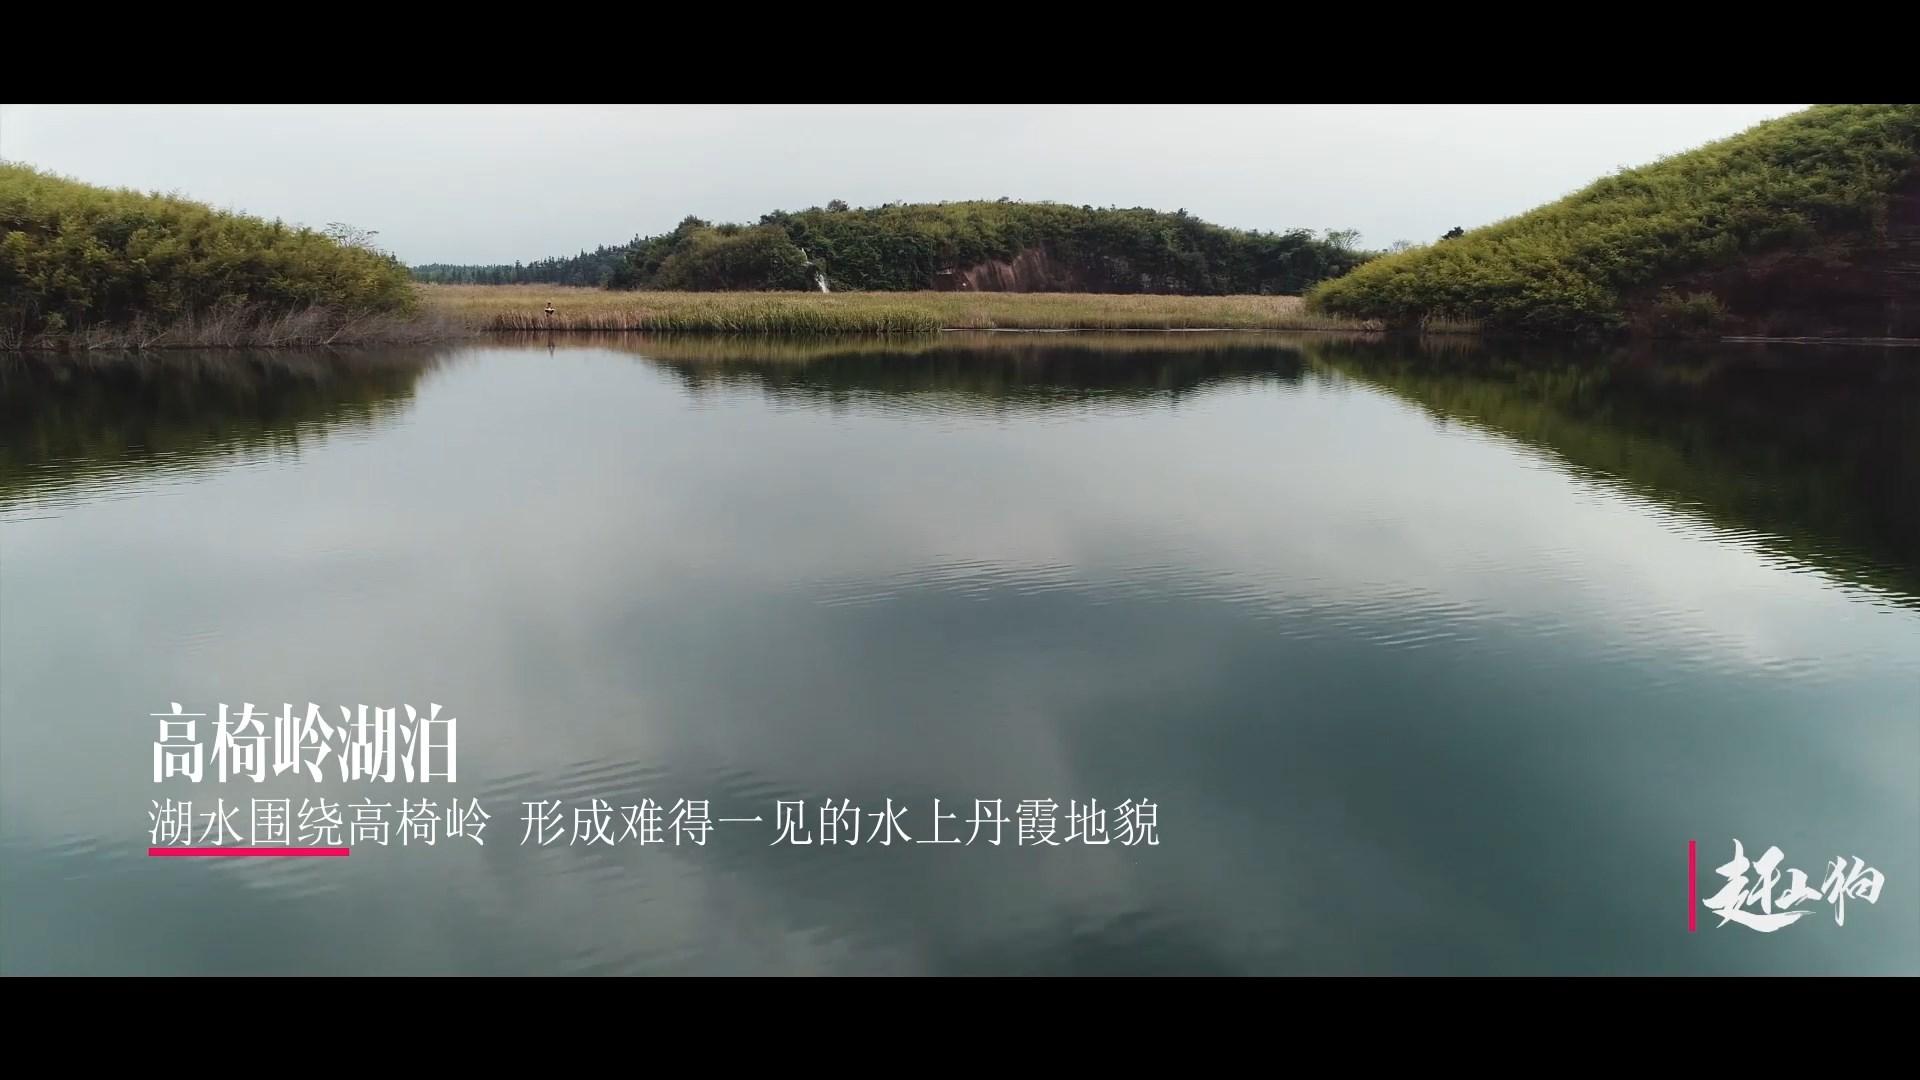 第七集:高椅岭 致敬金庸经典之乔峰叶孤城决战高椅岭